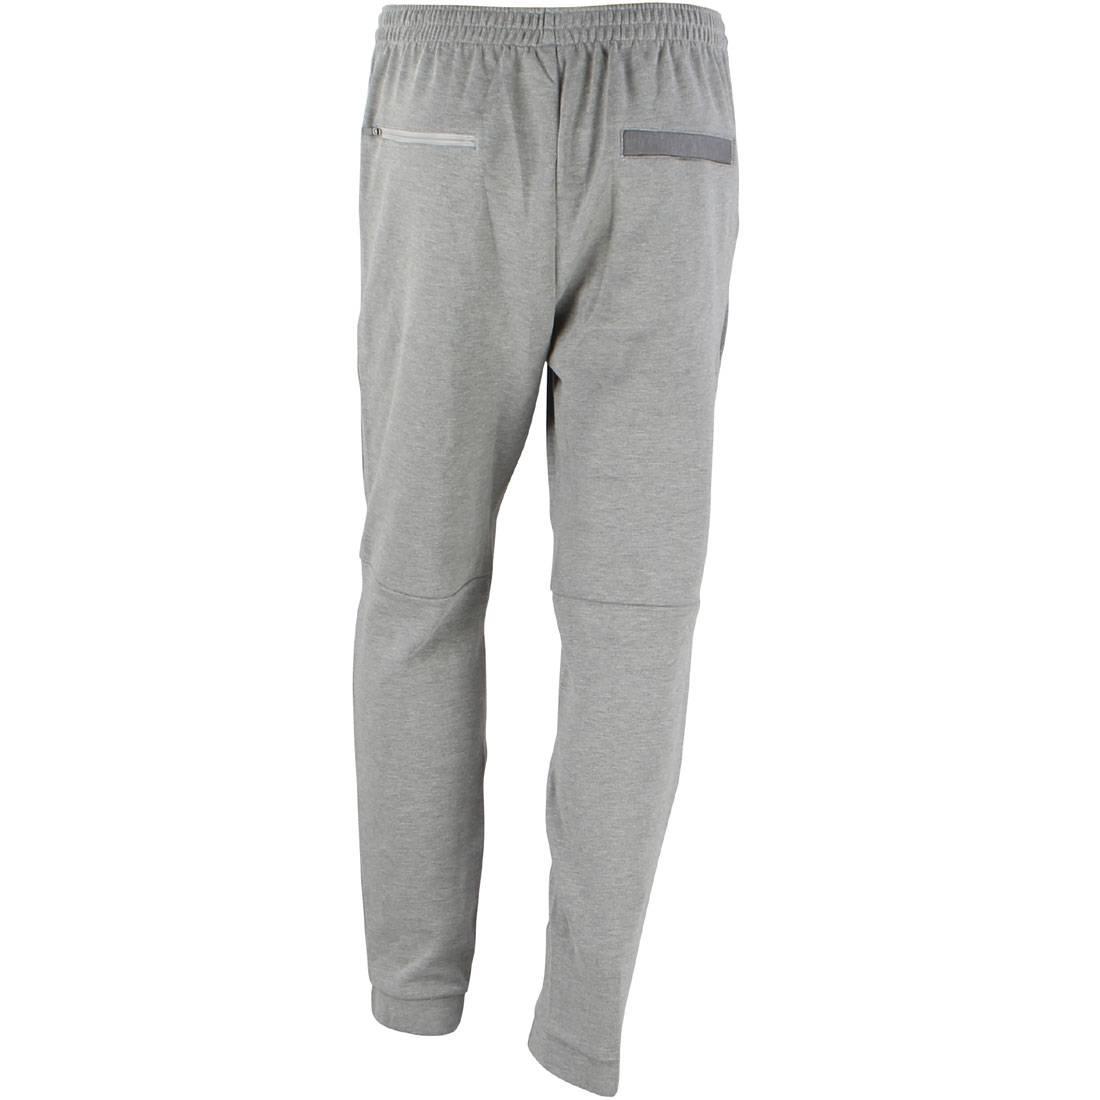 7b2fd21d1d5bc0  90.00 724493-021 Jordan Men Air Jordan Knit City Pants (dk grey ...